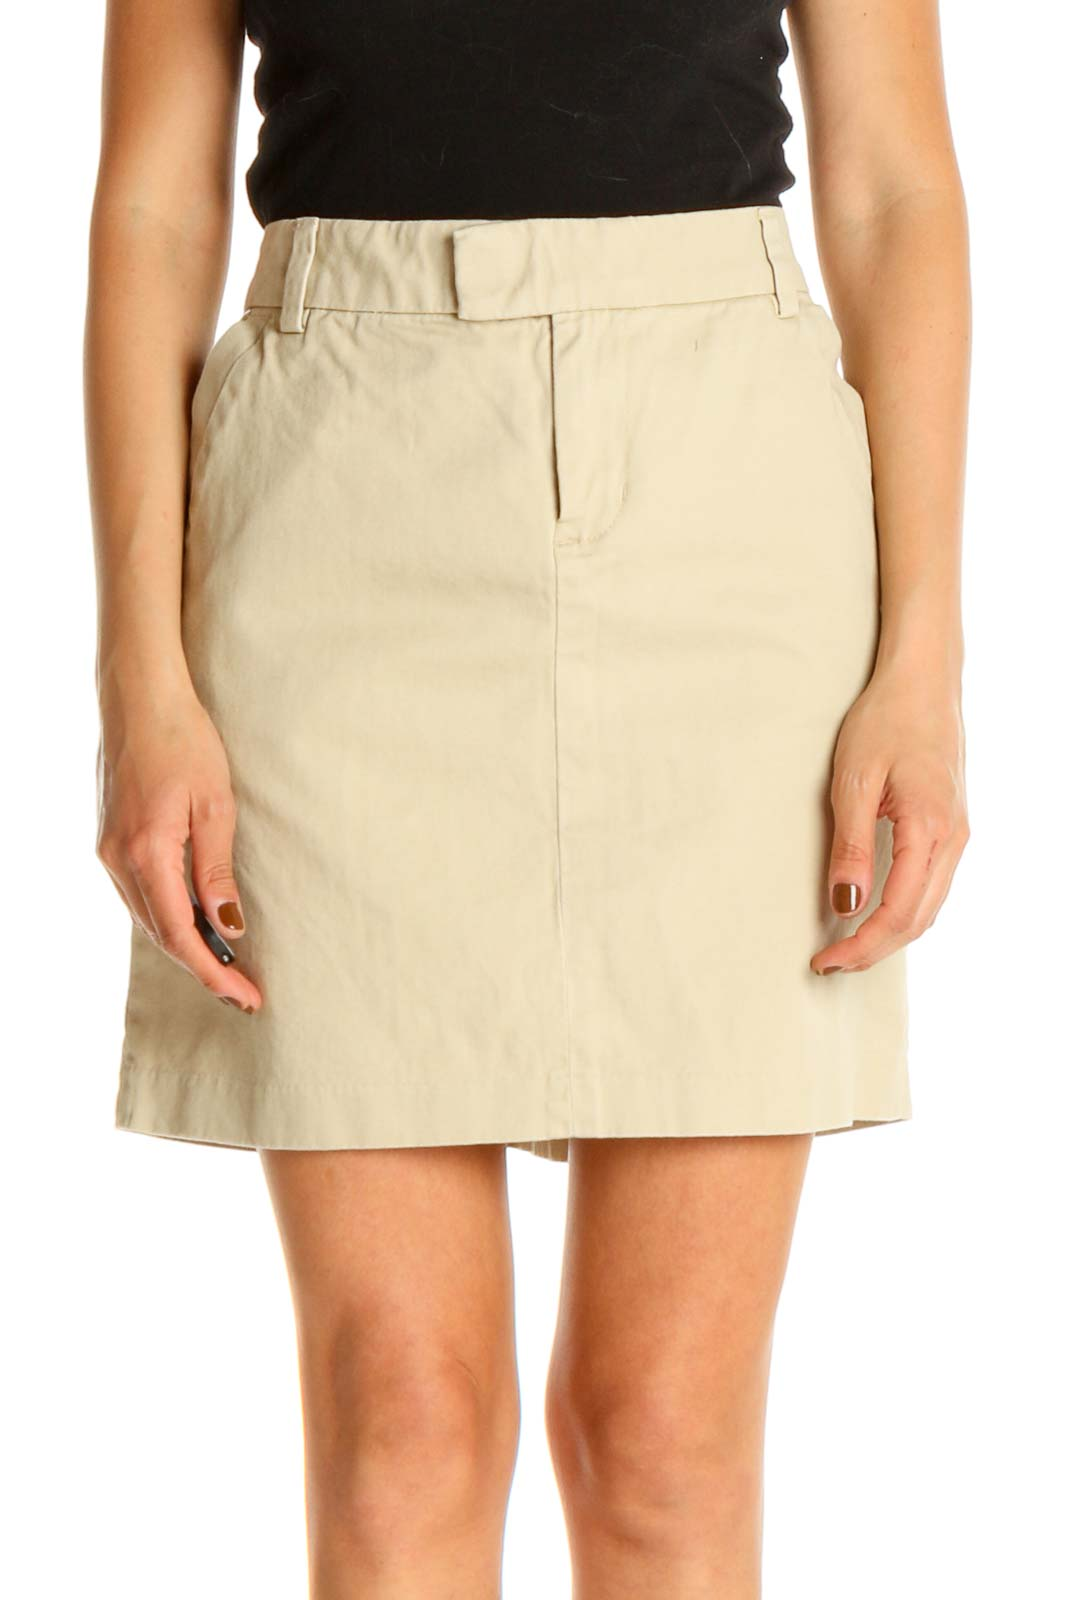 Beige Solid Brunch A-Line Skirt Front